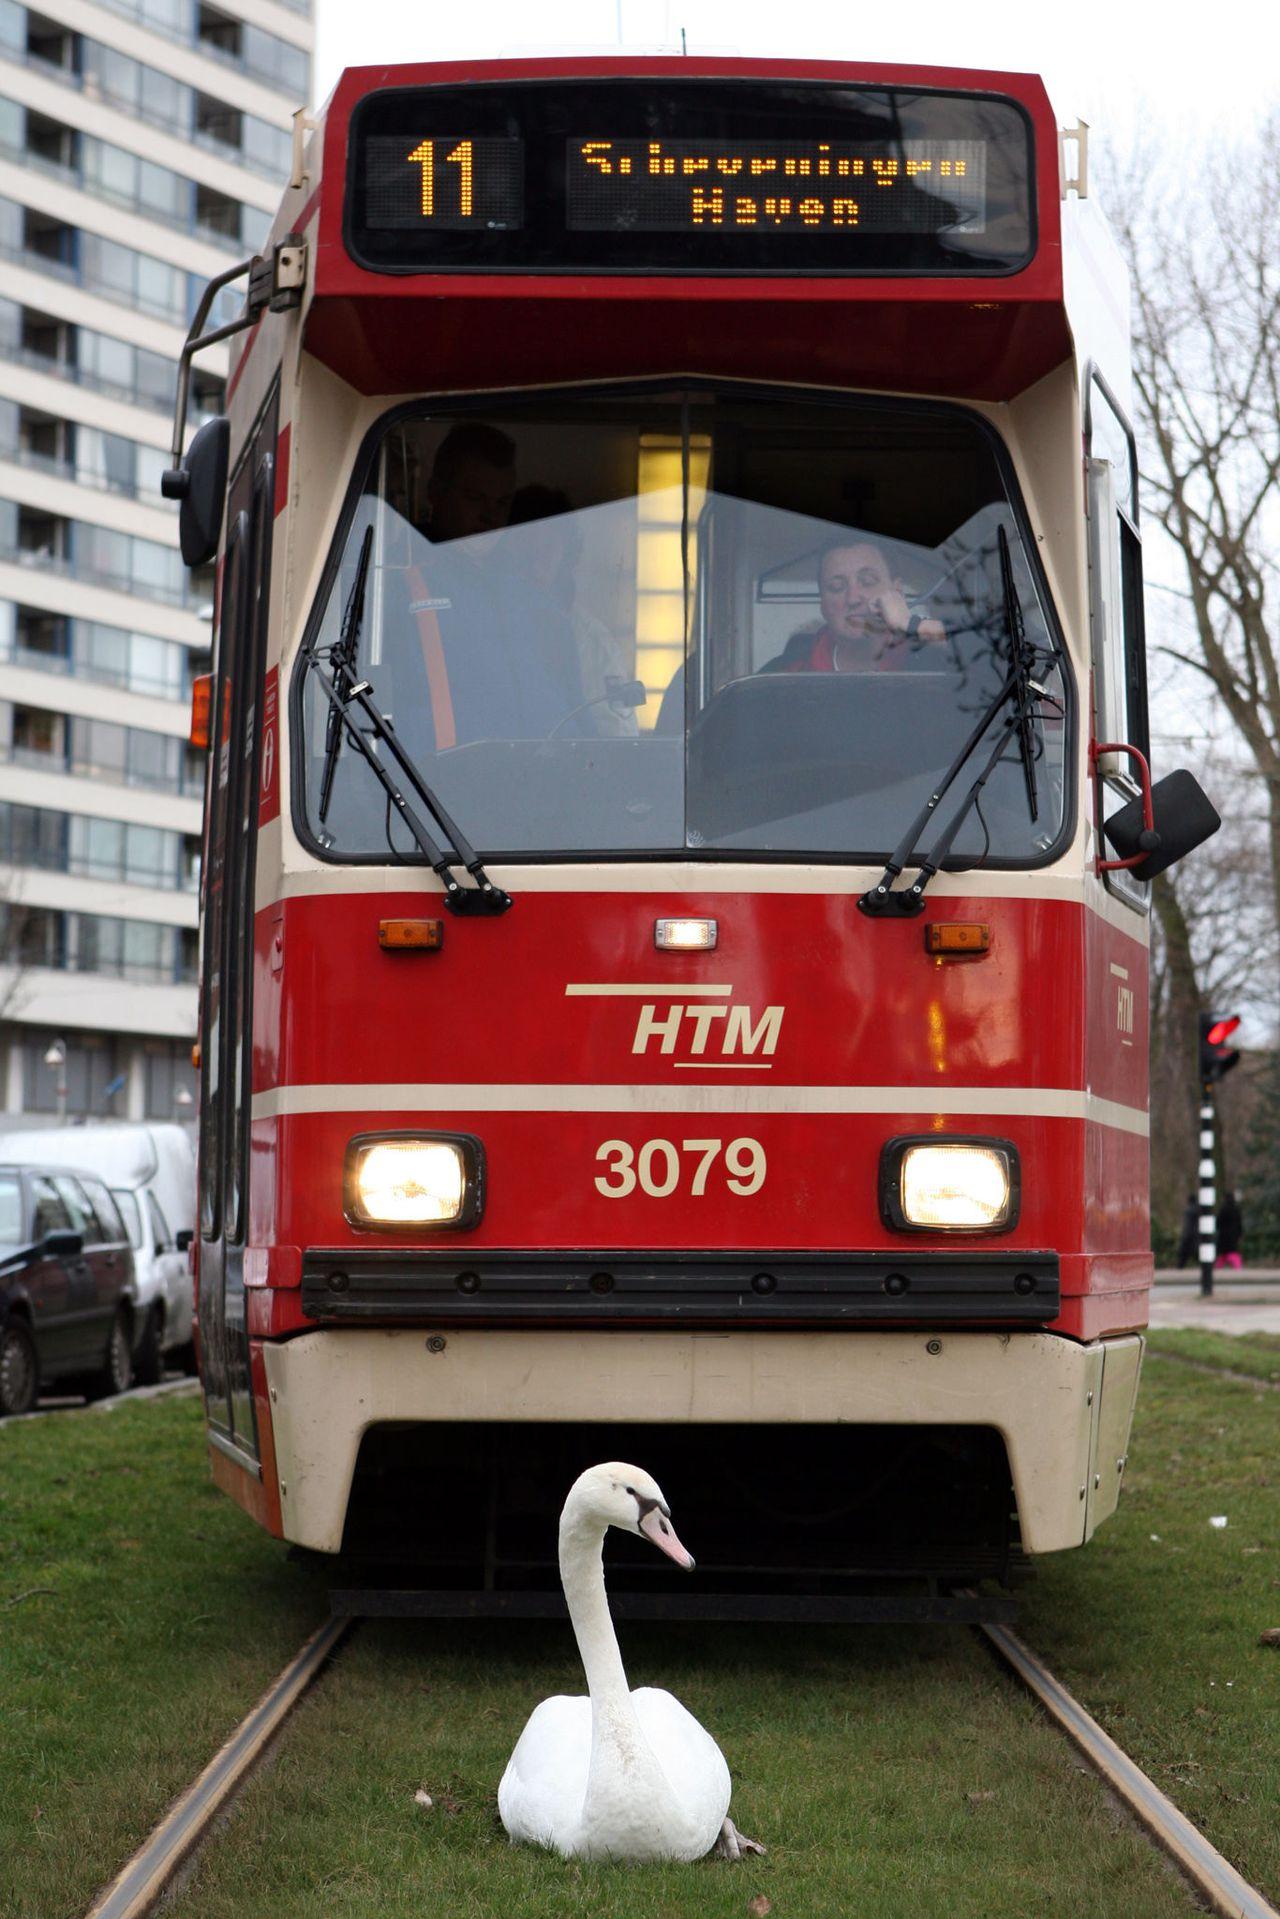 Den Haag, op de route van lijn 11 Den Haag. De trampassagiers moesten even geduld hebben. De trambaan van lijn 11 naar Scheveningen werd geblokkeerd door een zwaan. Volgens de fotograaf dachten omstanders aanvankelijk dat het dier gewond was, maar na een tijdje liep de zwaan weer verder. Toen kon de bestuurder van de tram de rit vervolgen. De meldkamer van de Haagse trammaatschappij HTM laat weten dat gisteren geen melding is binnengekomen van een grote vertraging op het traject van lijn 11. Foto Jurriaan Brobbel/WFA WFA67T:ZWAAN VS TRAM:DEN HAAG;05MAR2009-Trampassagiers van lijn 11 naar Scheveningen Haven moesten vanmiddag een hoop geduld hebben. De trambaan werd geblokkeerd door een zwaan die van geen wijken wou weten. Aanvankelijk dachten omstanders dat het dier gewond was maar later liep de zwaan gewoon verder, precies in het midden van de baan. Wellicht was de zwaan suicidaal, of had ie gewoon zin om te pesten. WFA/jb/str.Jurriaan Brobbel